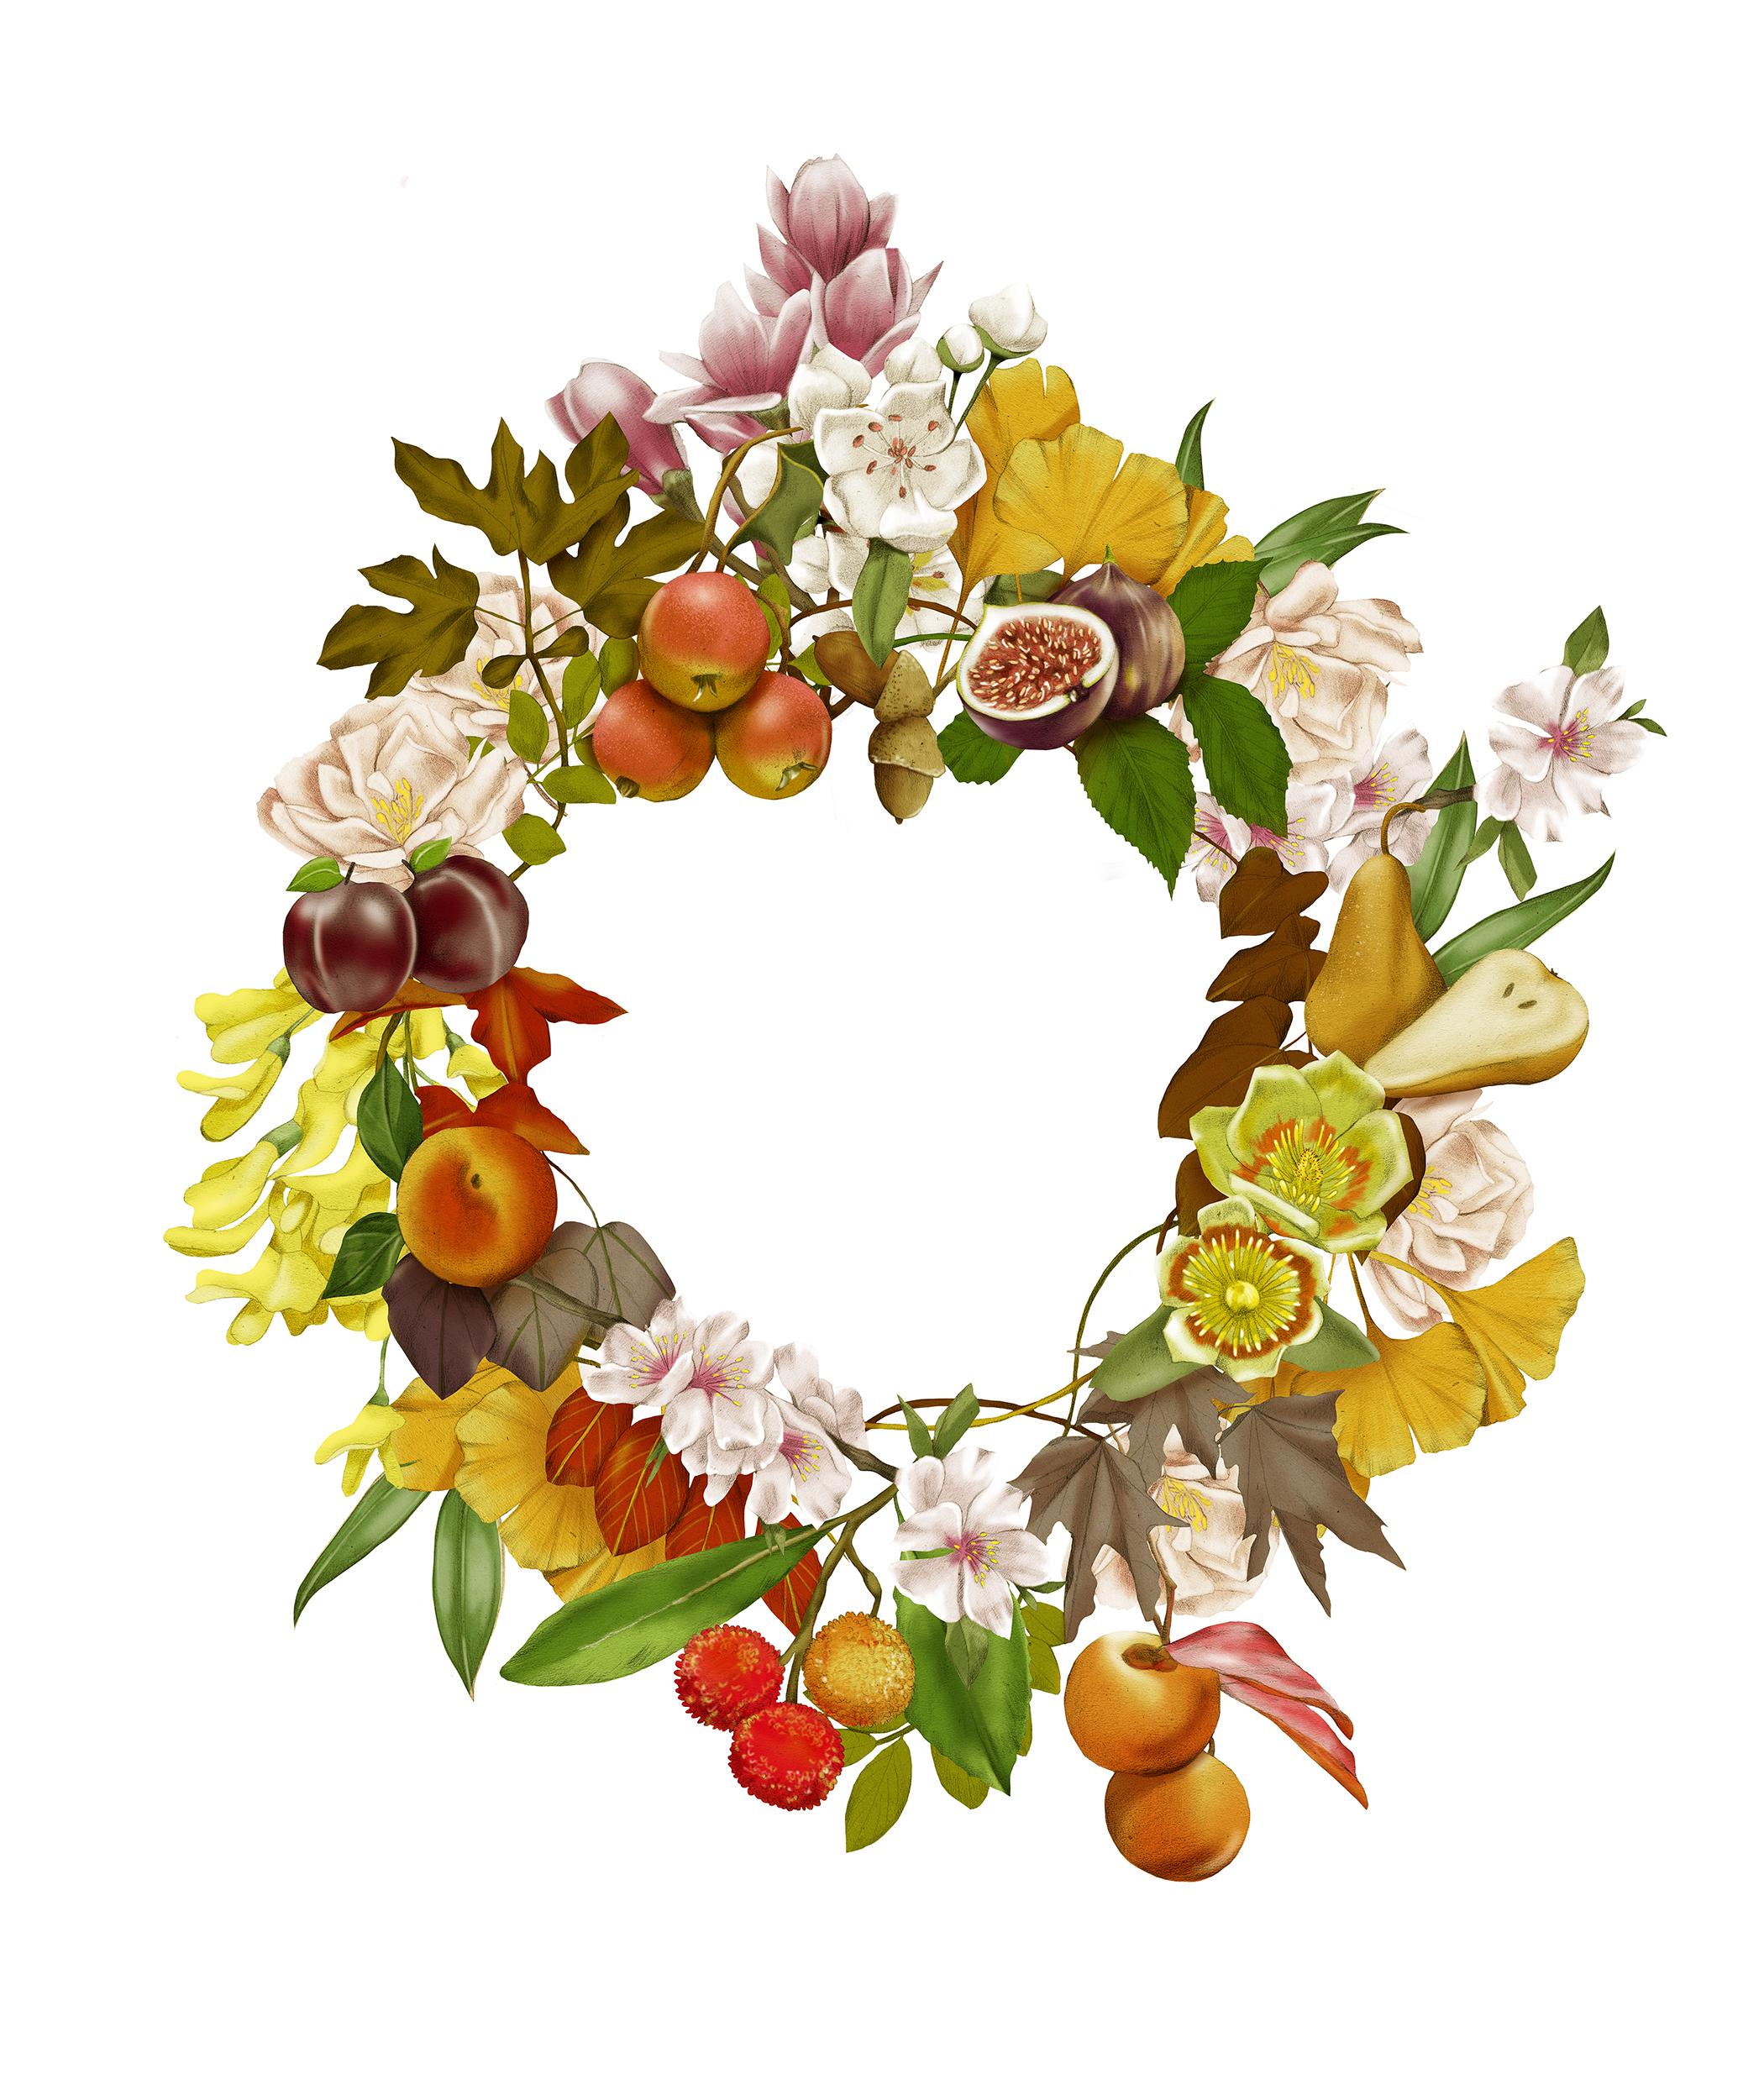 Kelly Thompson botanical illustration Flemings nursery wreath